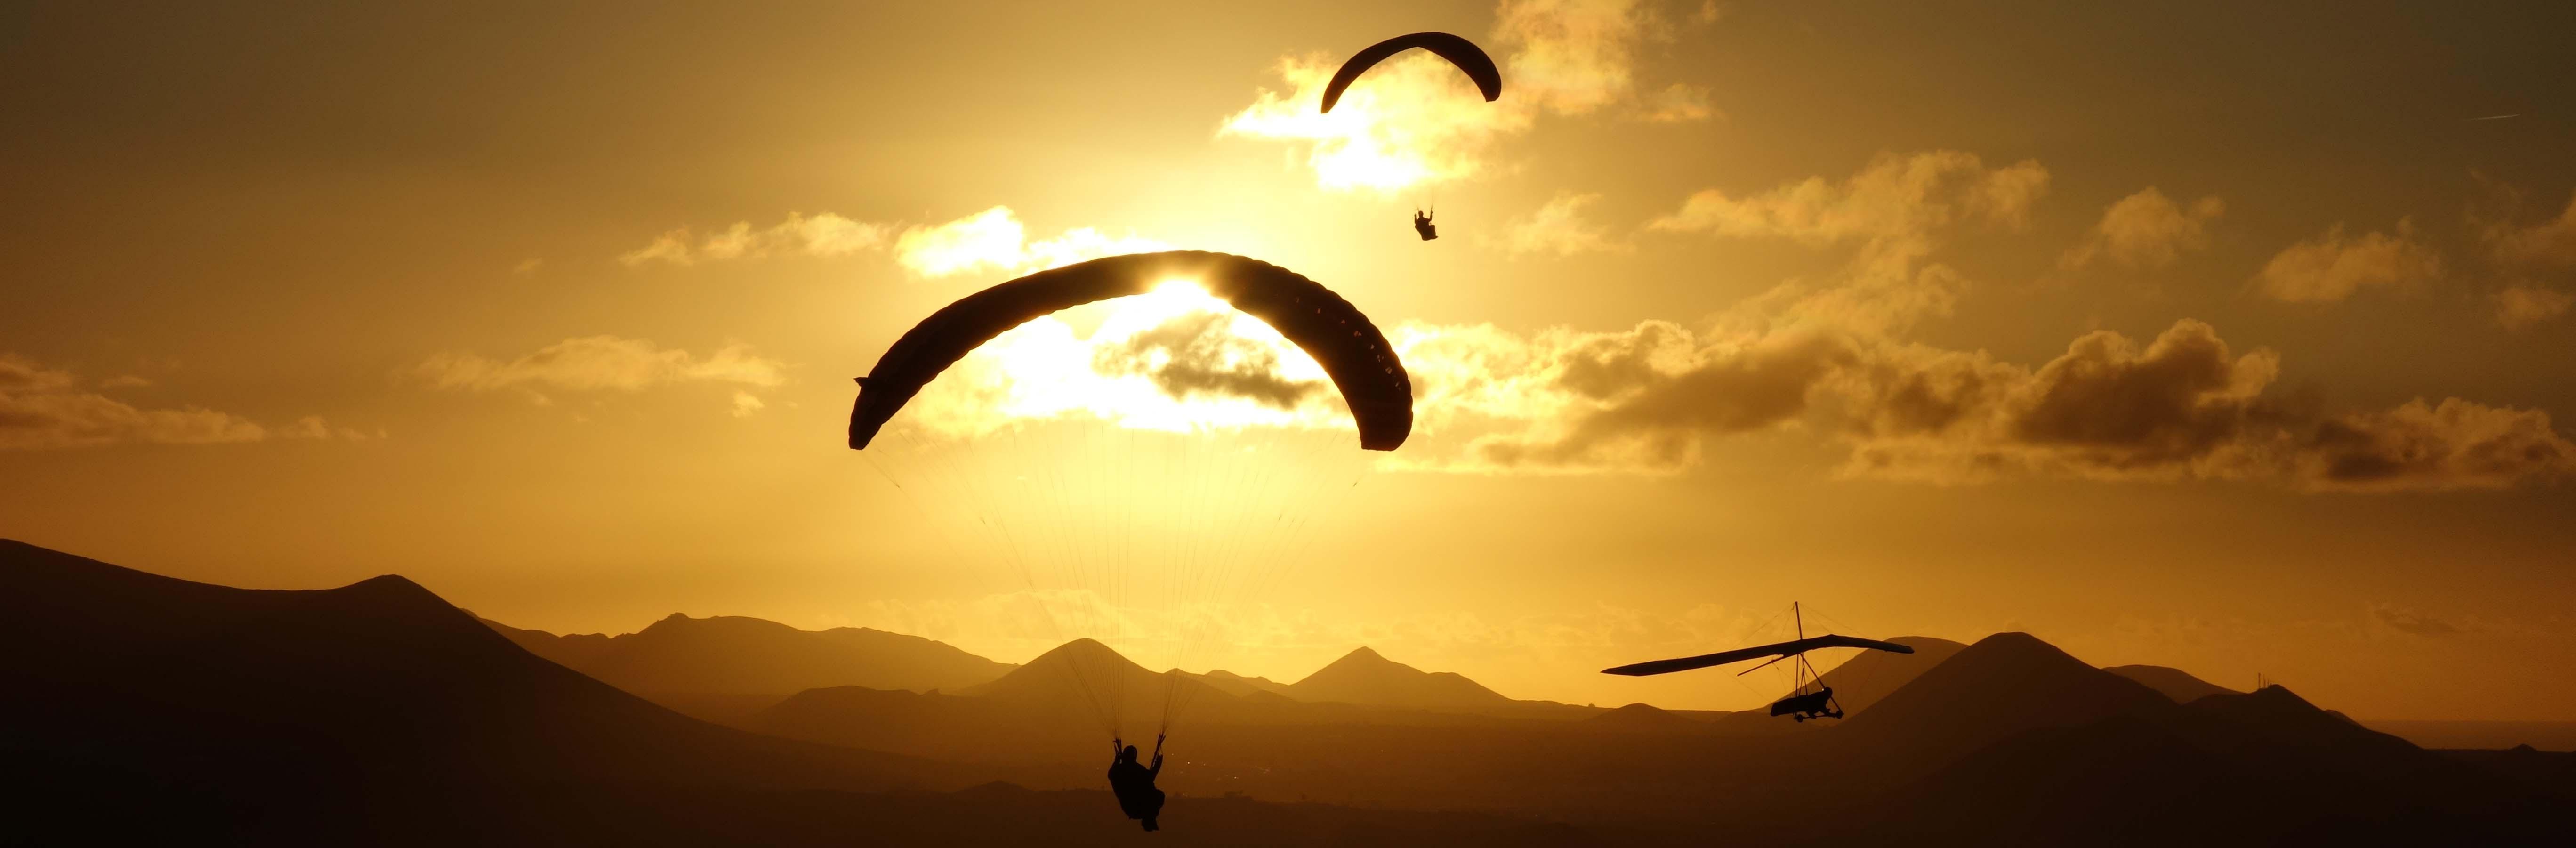 Gleitschirm und Drachen im Sonnenuntergang